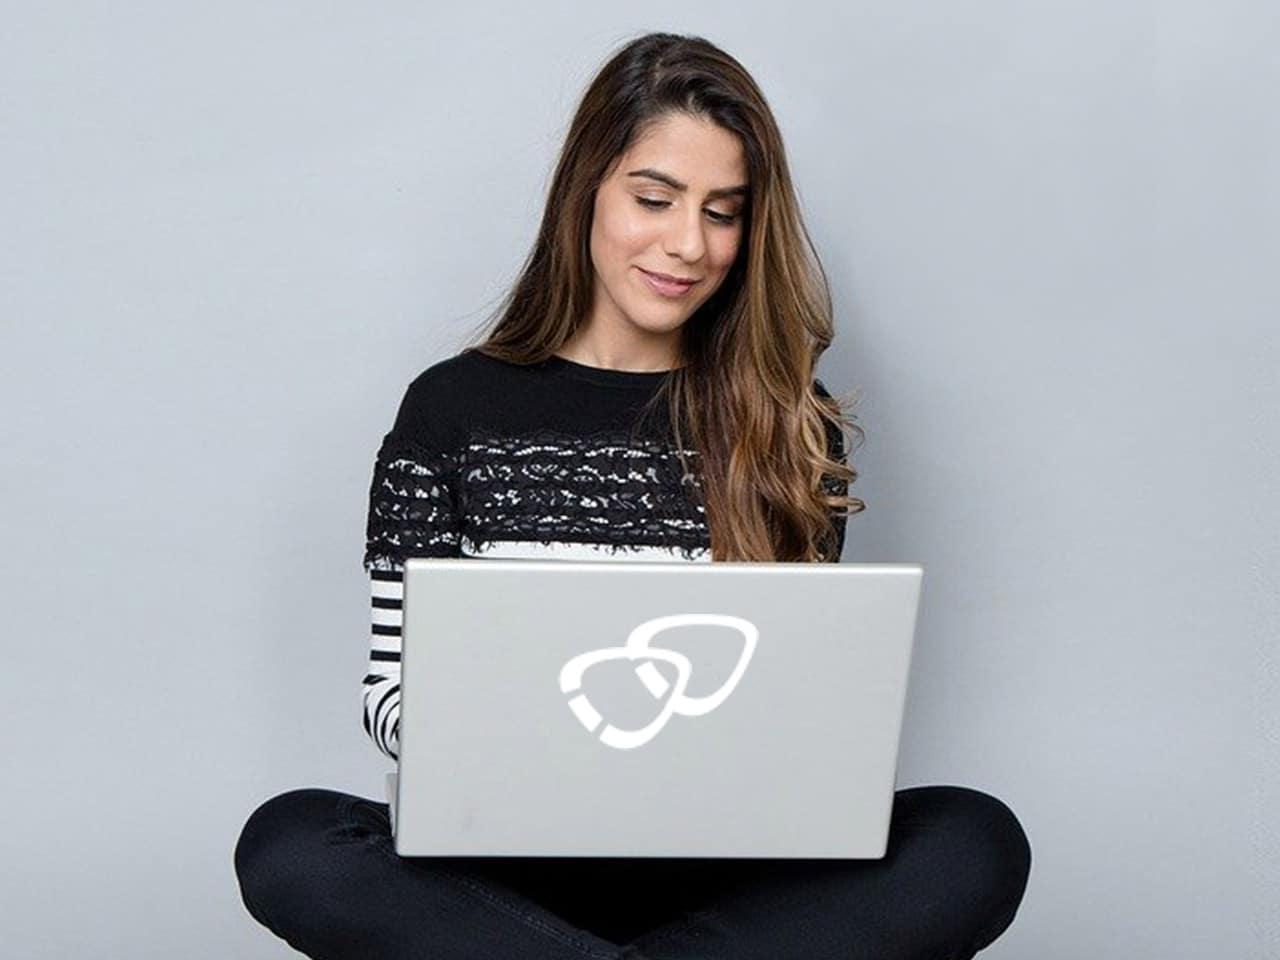 Bild zeigt eine Frau am Laptop.